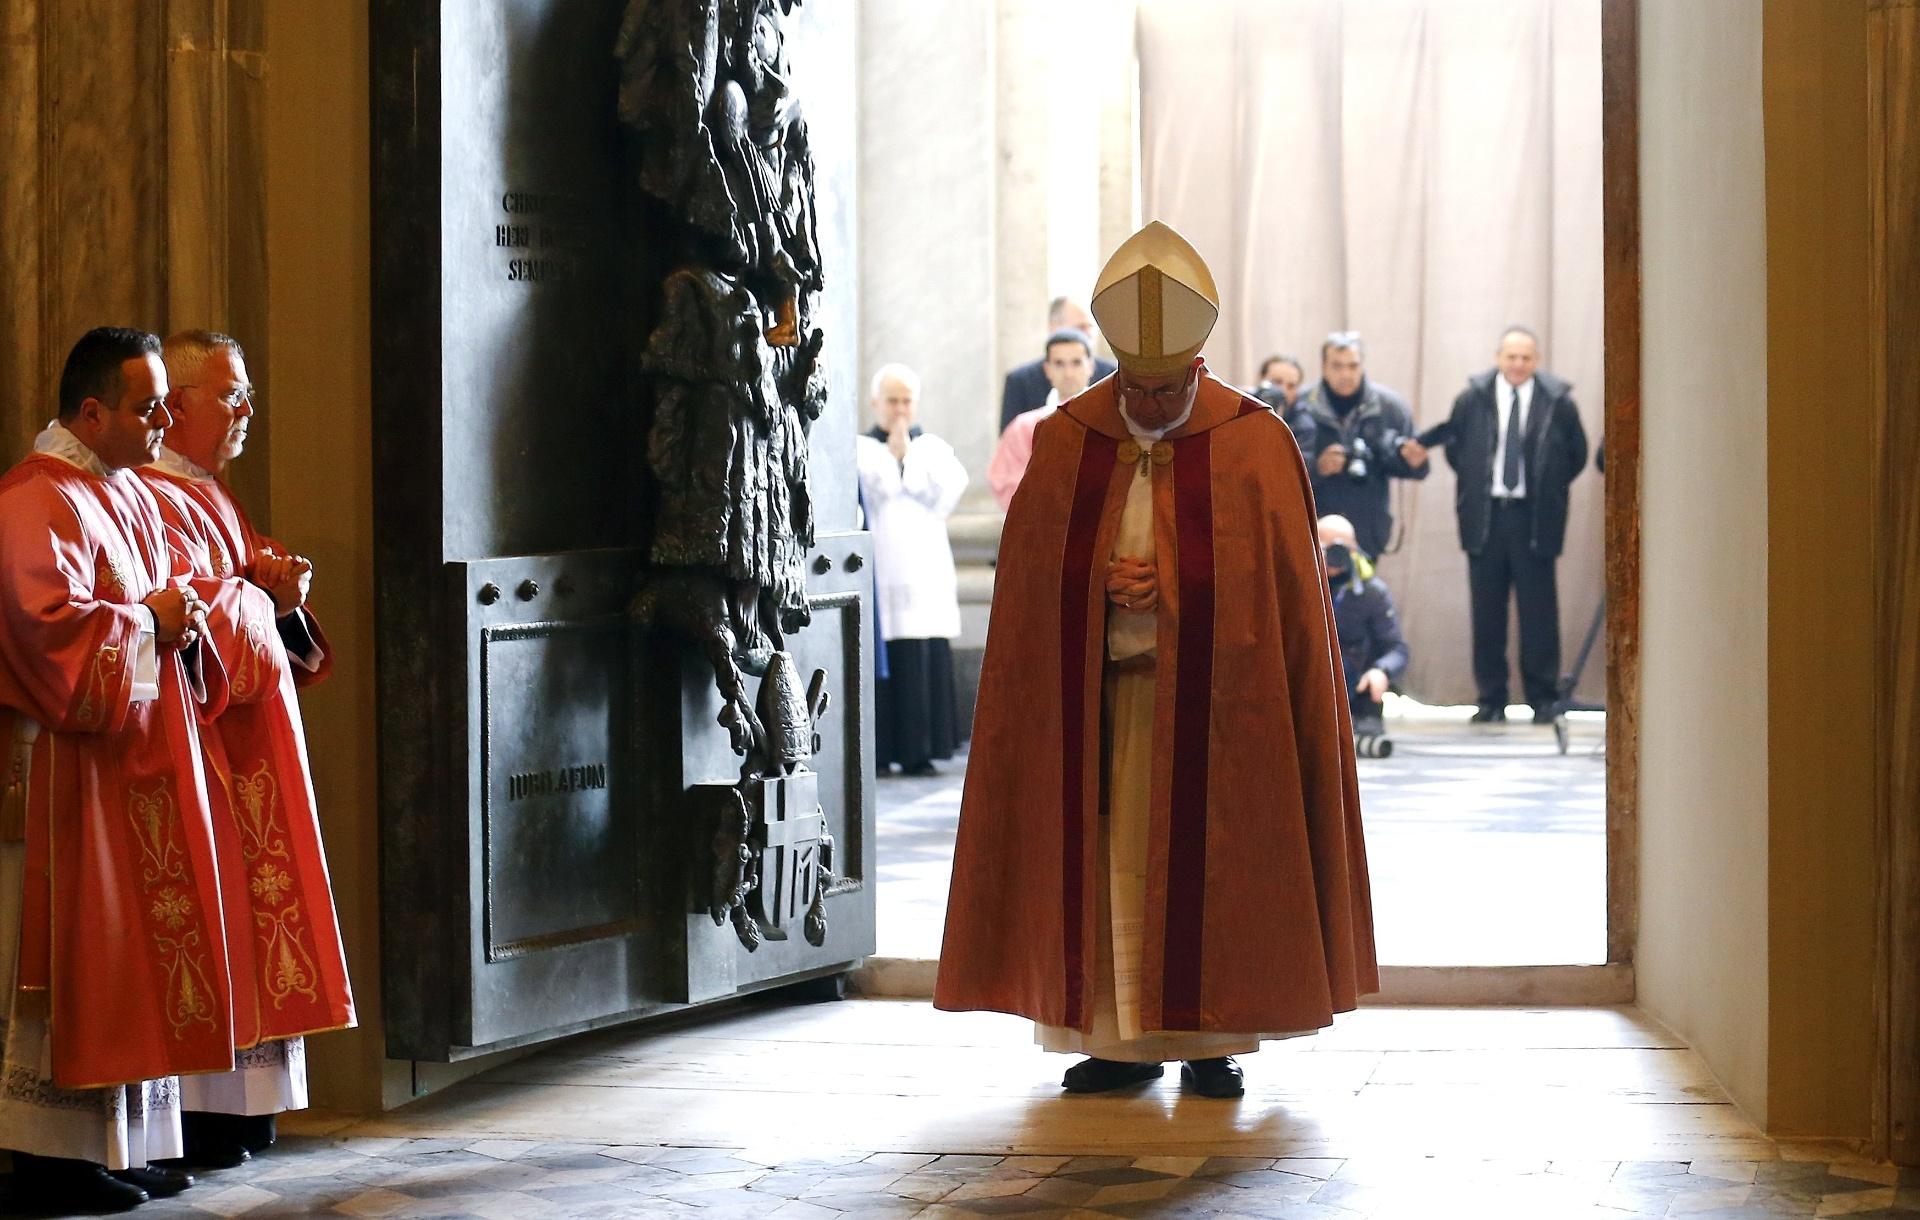 13.dez.2015 - Papa Francisco abre a Porta Santa da Basílica de São João de Latrão, que marca o início do Ano Santo da Misericórdia, no Vaticano. Na missa que precedeu a abertura, o pontífice disse que está iniciado o